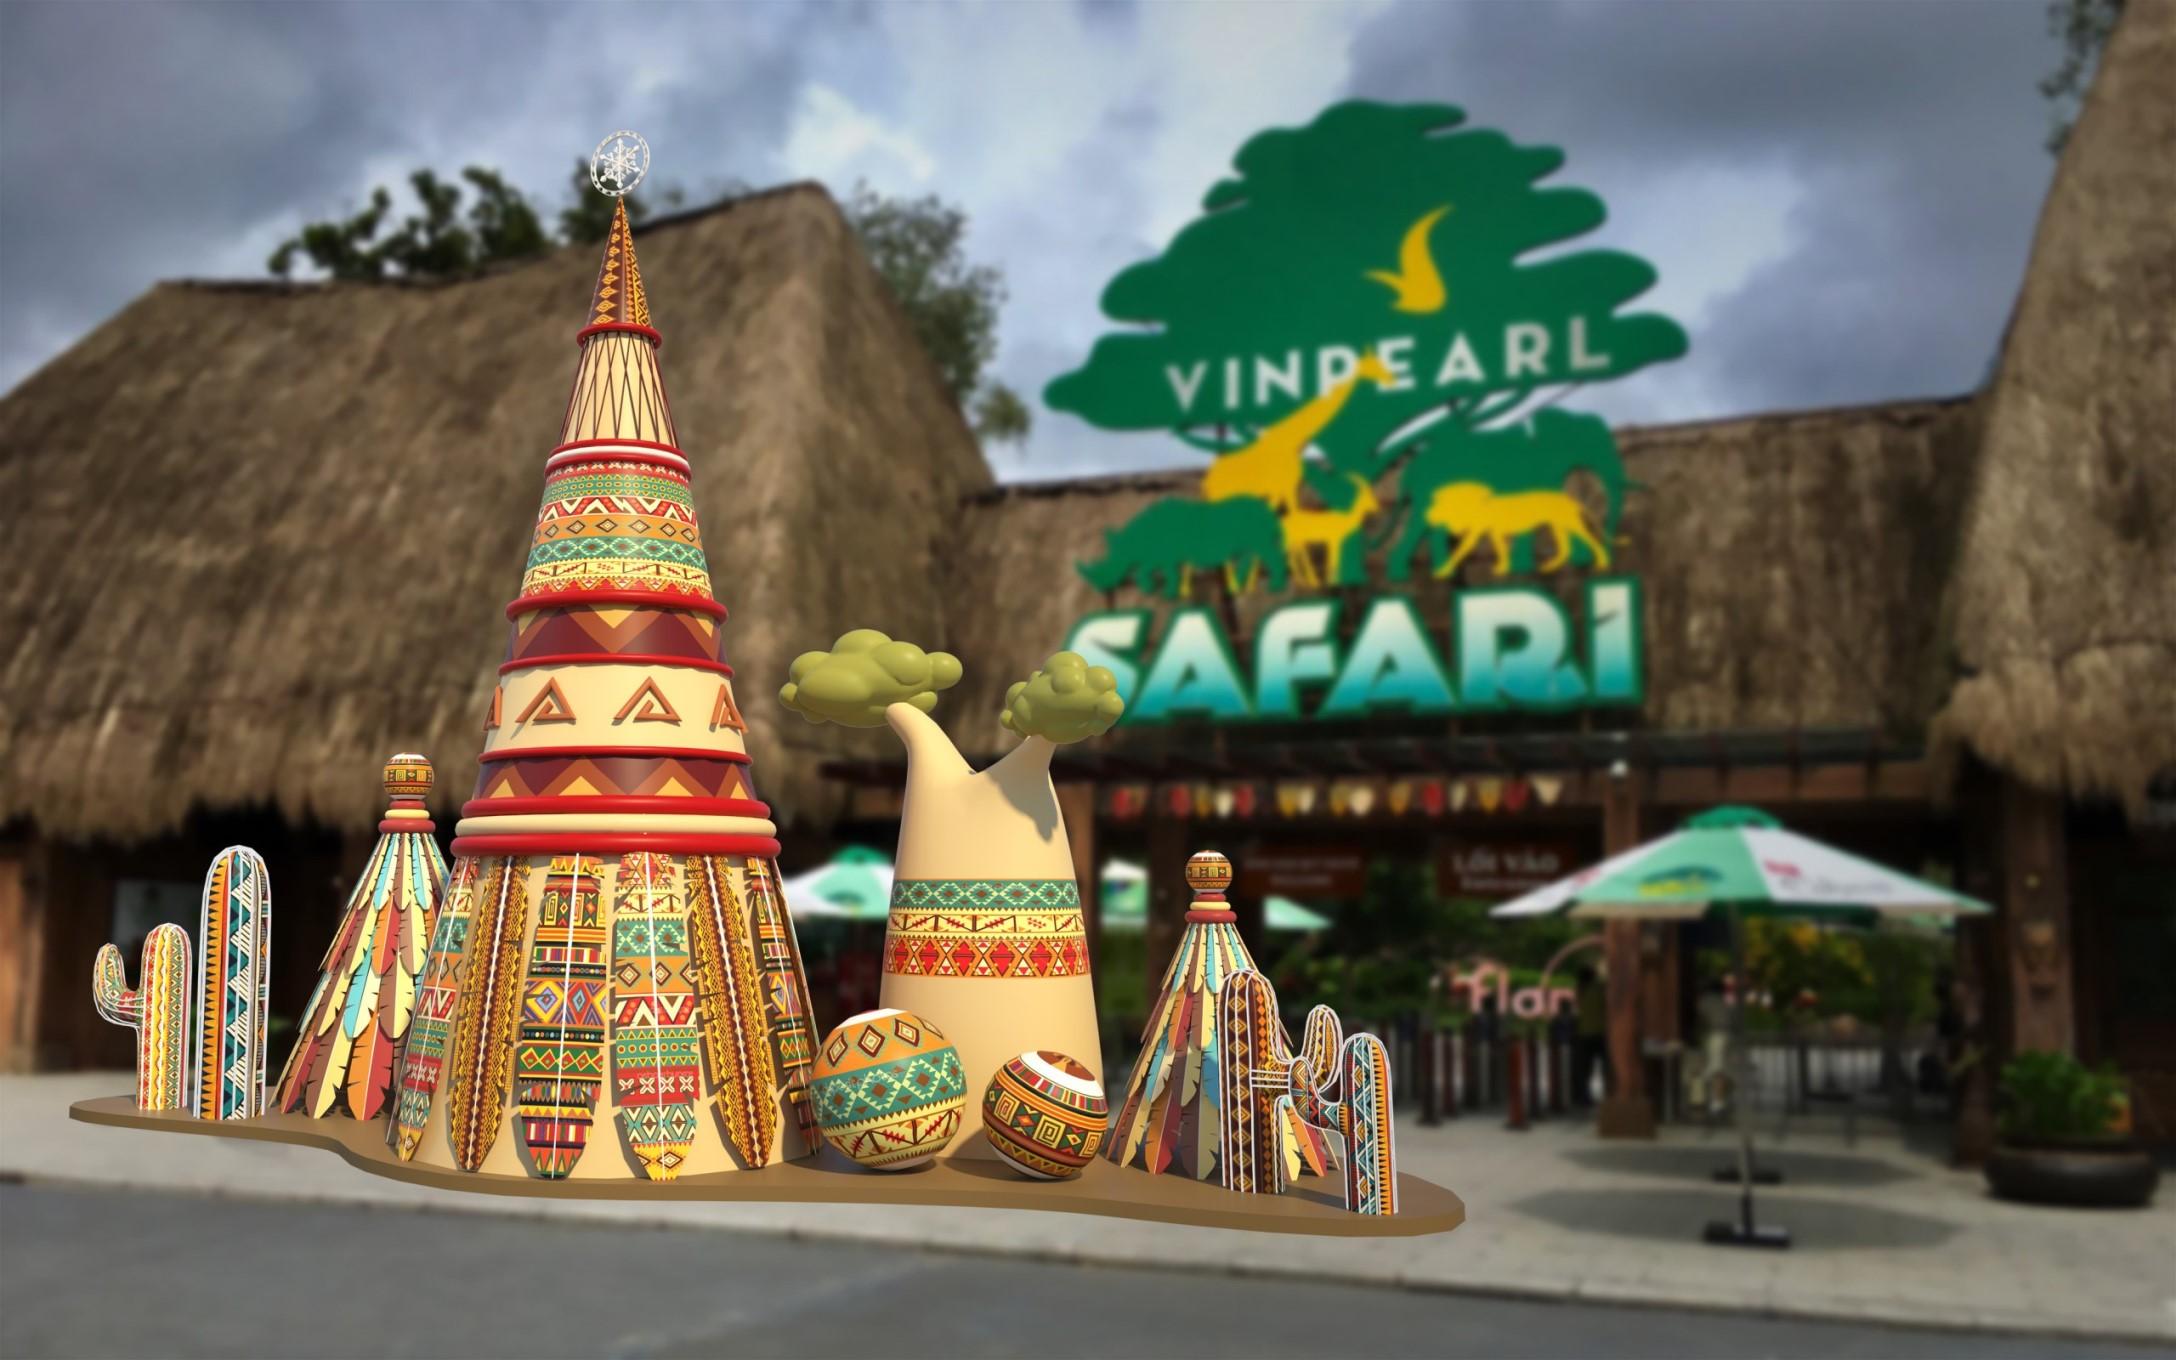 images5349254_A7 FESTIVE WONDERLAND – Lễ hội thần tiên tại xứ sở Vinpearl Land Tin Tức  VinpearLand Du Lịch Nha Trang